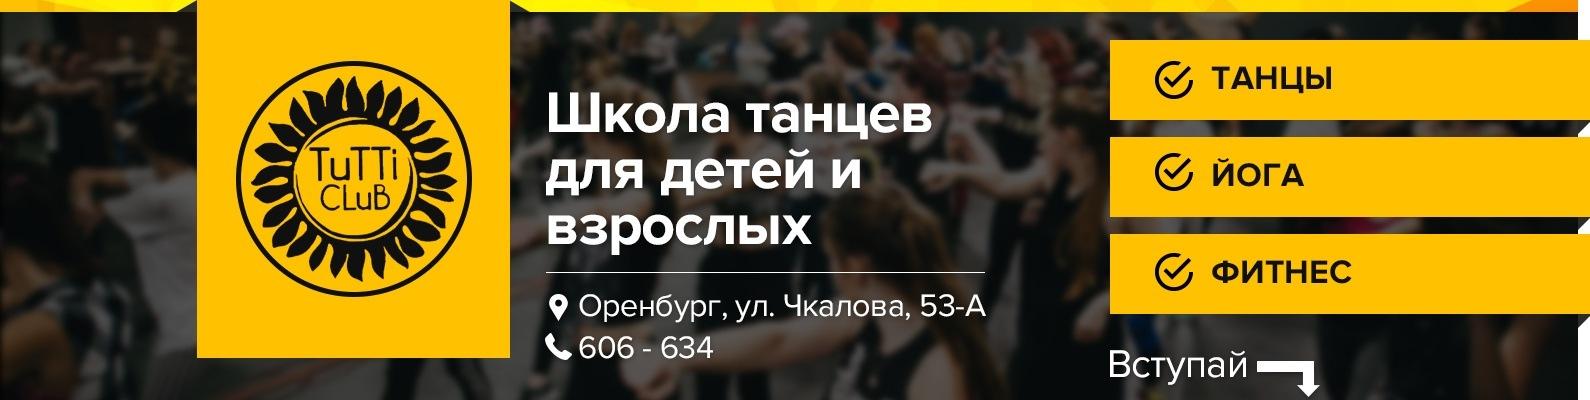 Оренбург обучение стриптизу